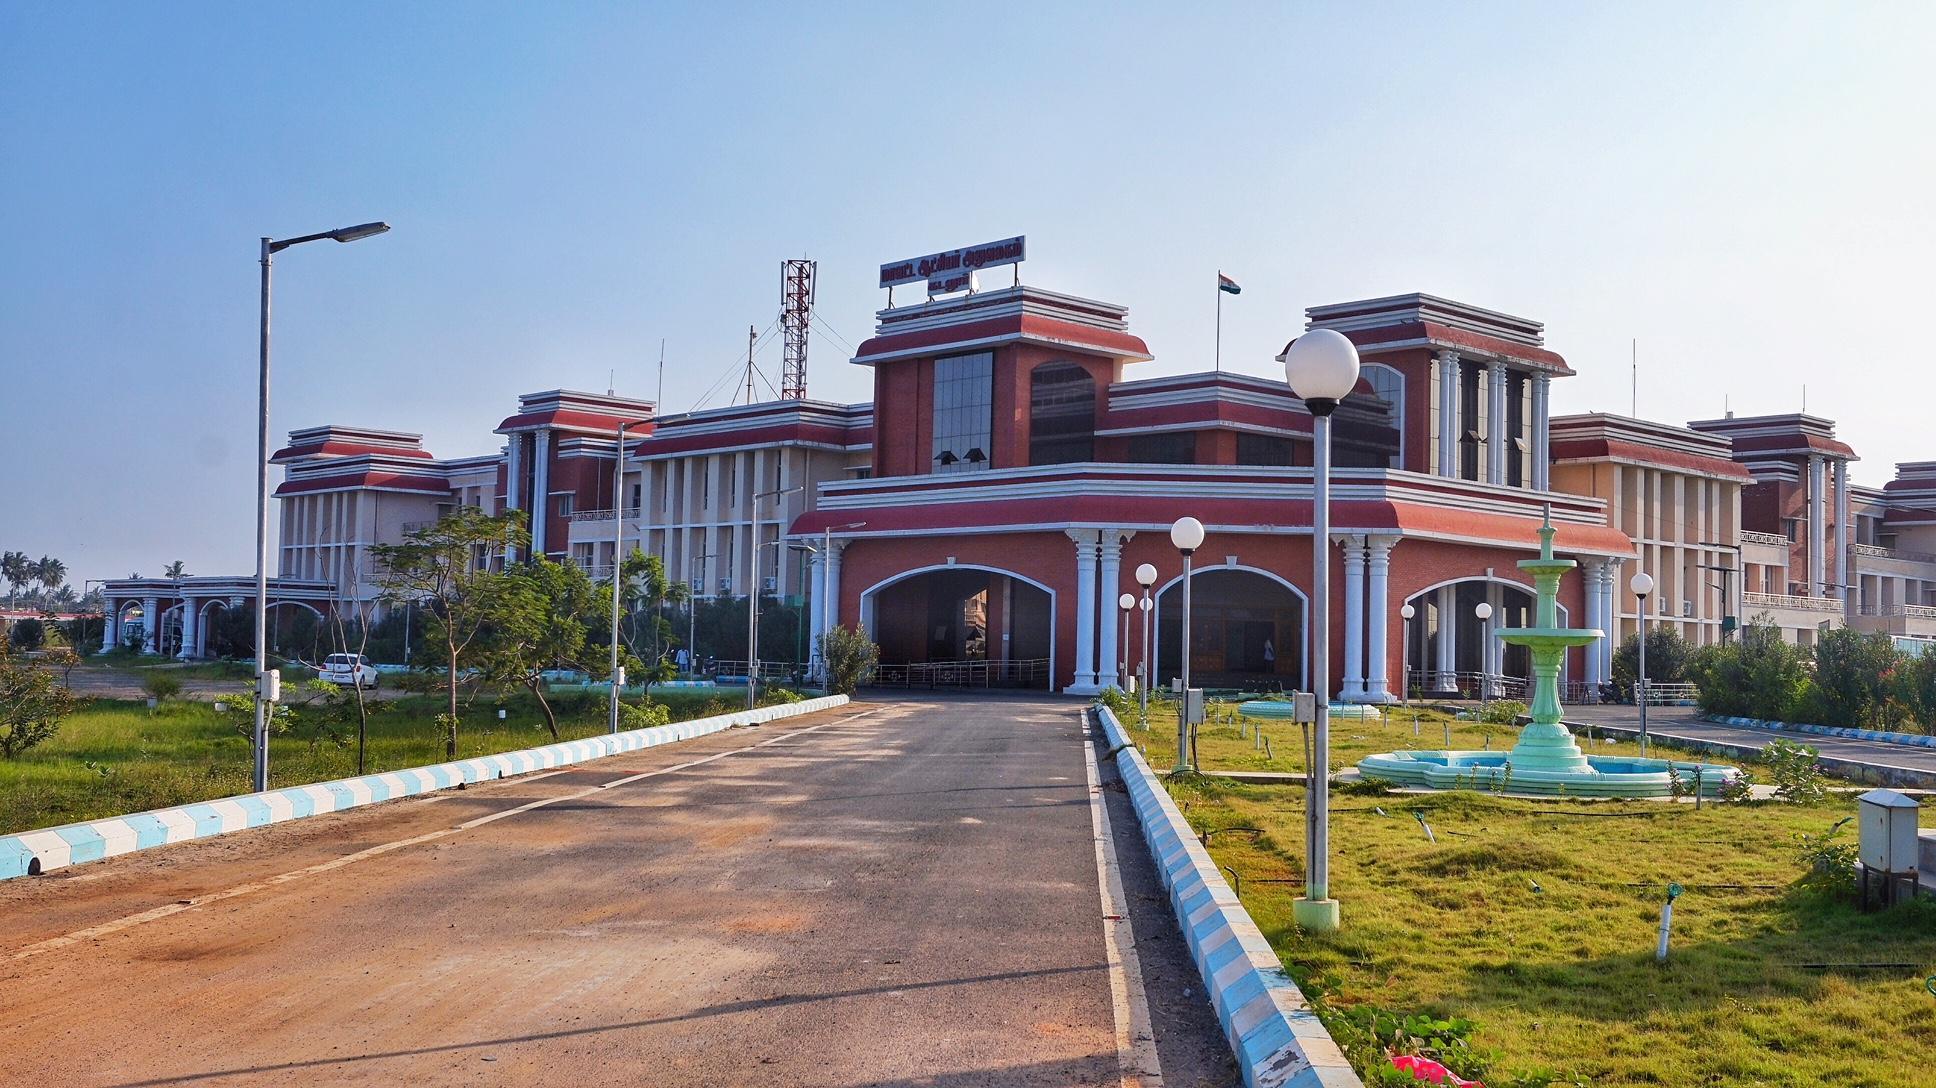 கடலூர் மாவட்ட ஆட்சியர் அலுவலகம்